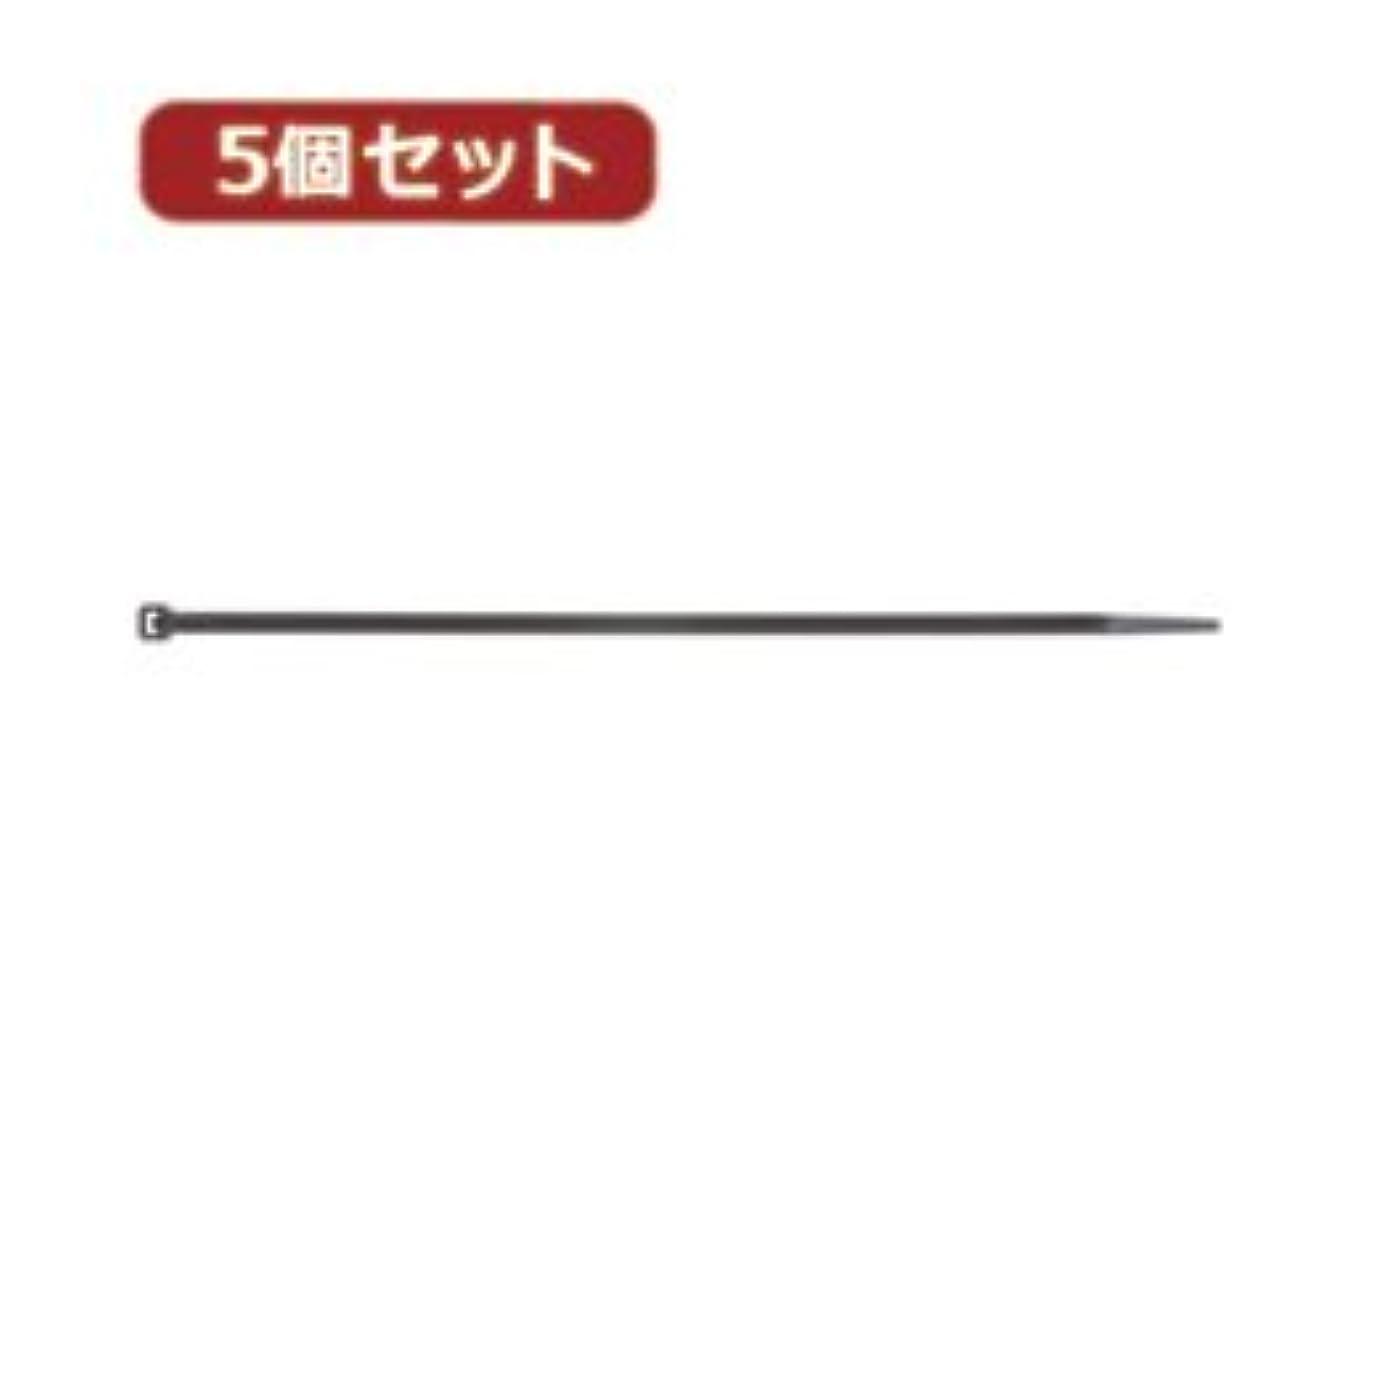 提出する自分の継承【まとめ 3セット】 YAZAWA 5個セット束ねるバンド 250mm 黒 20本入 FTC250K20X5